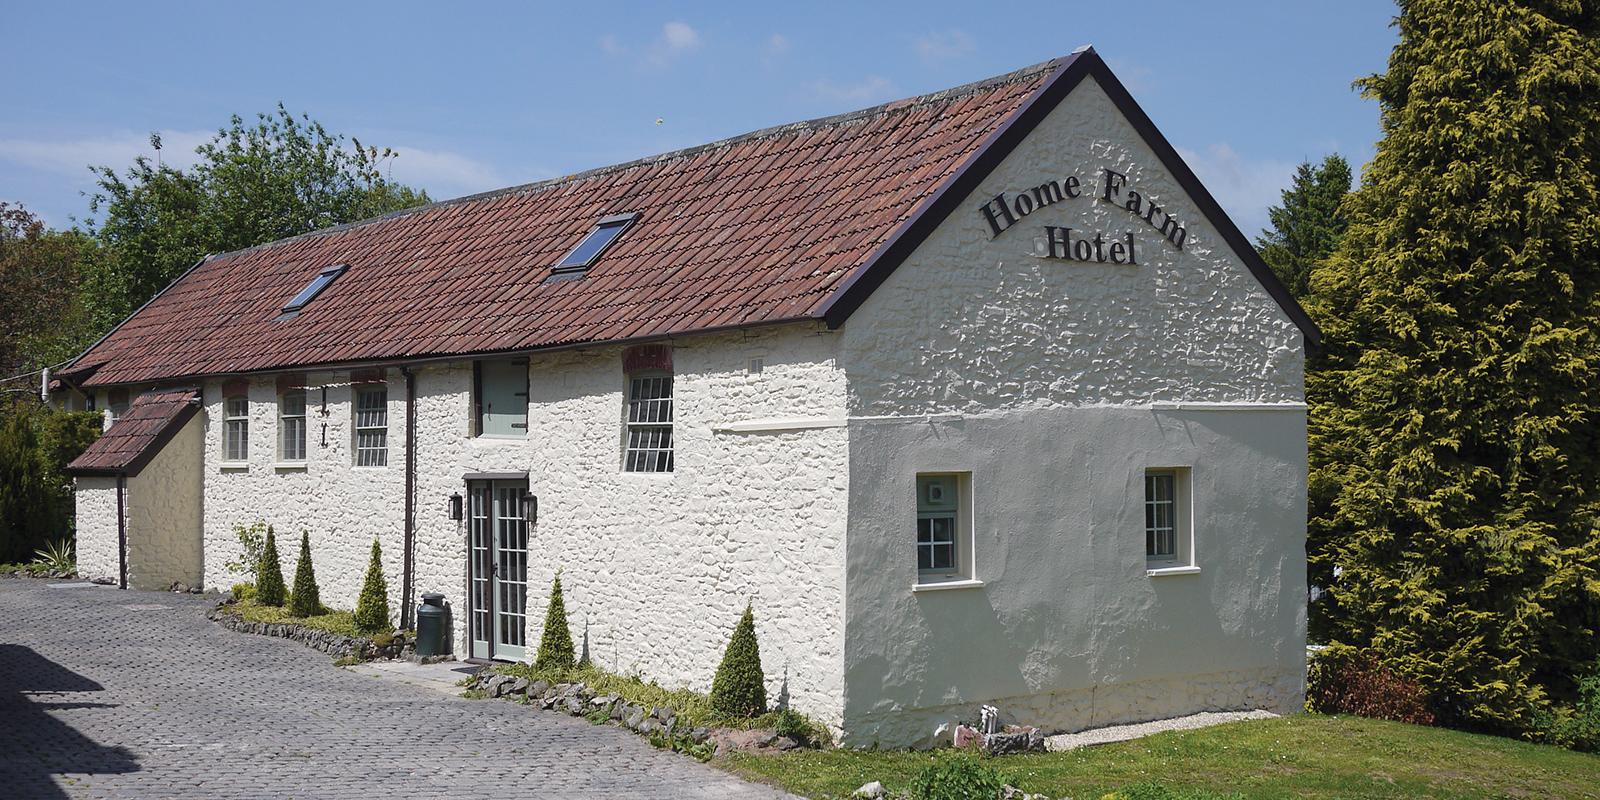 Home Farm Hotel